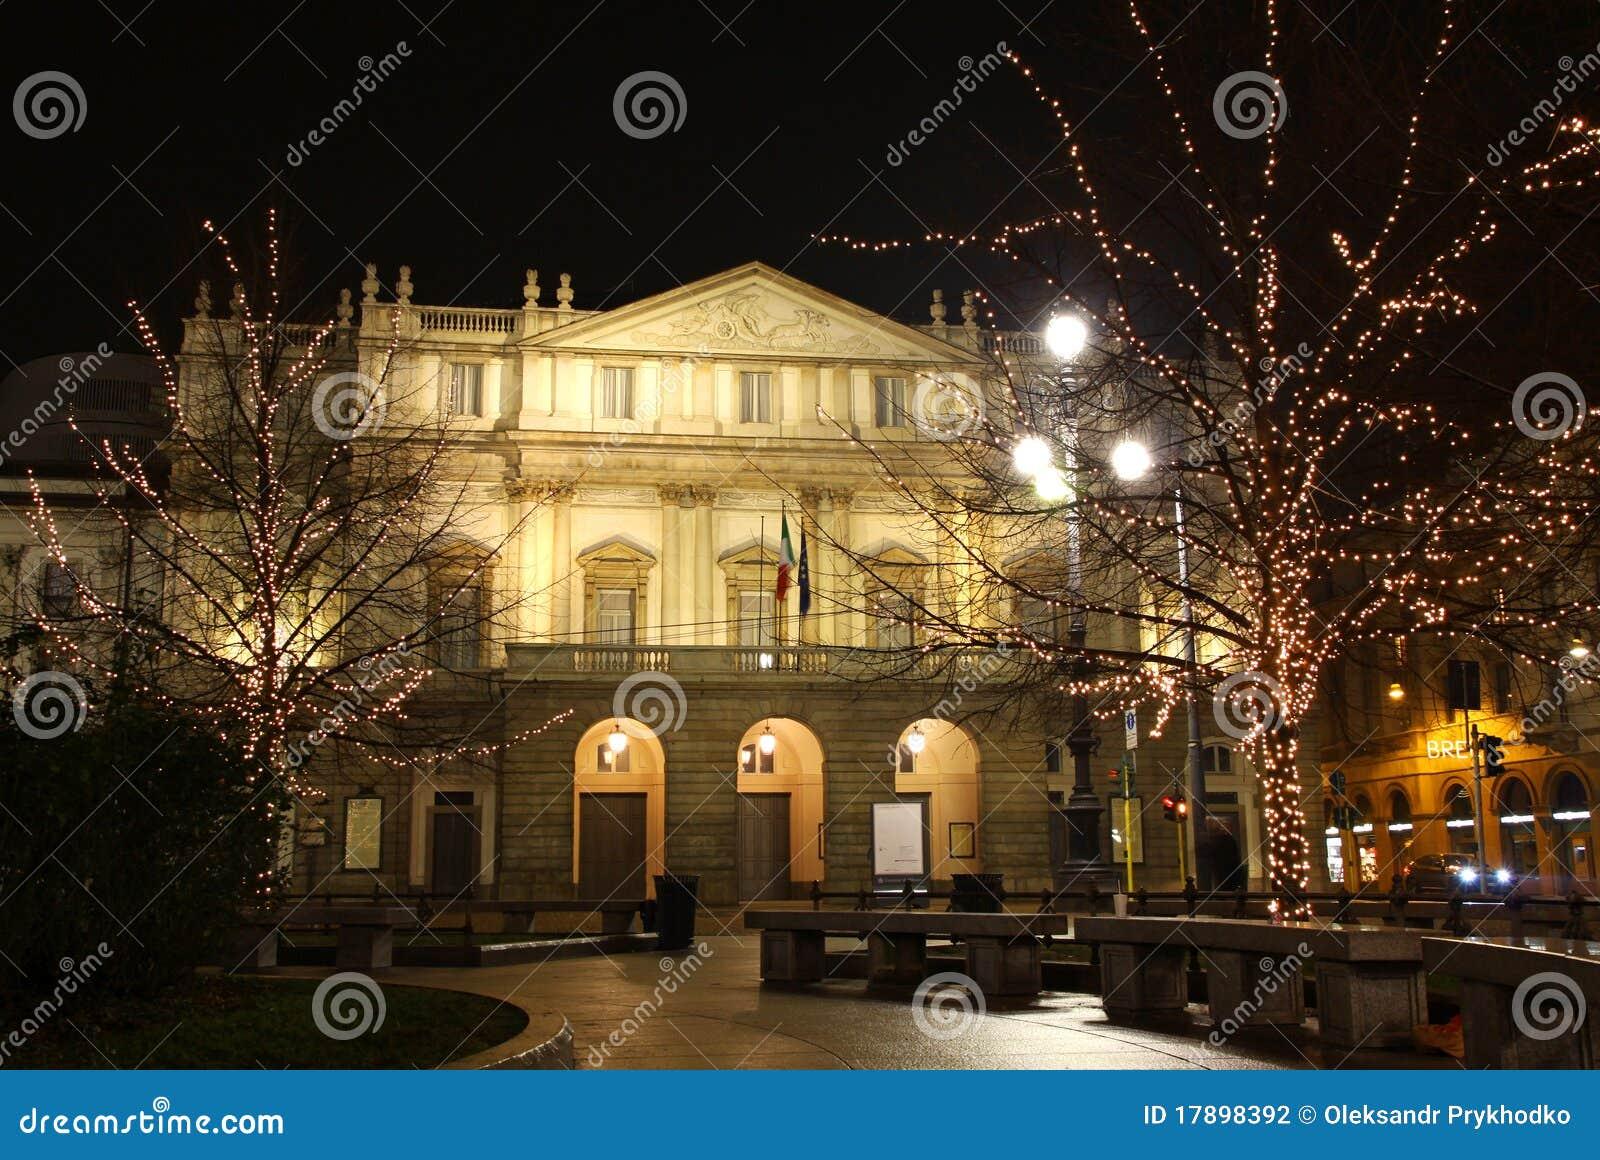 De operahuis van het La Scala, Milaan, Italië